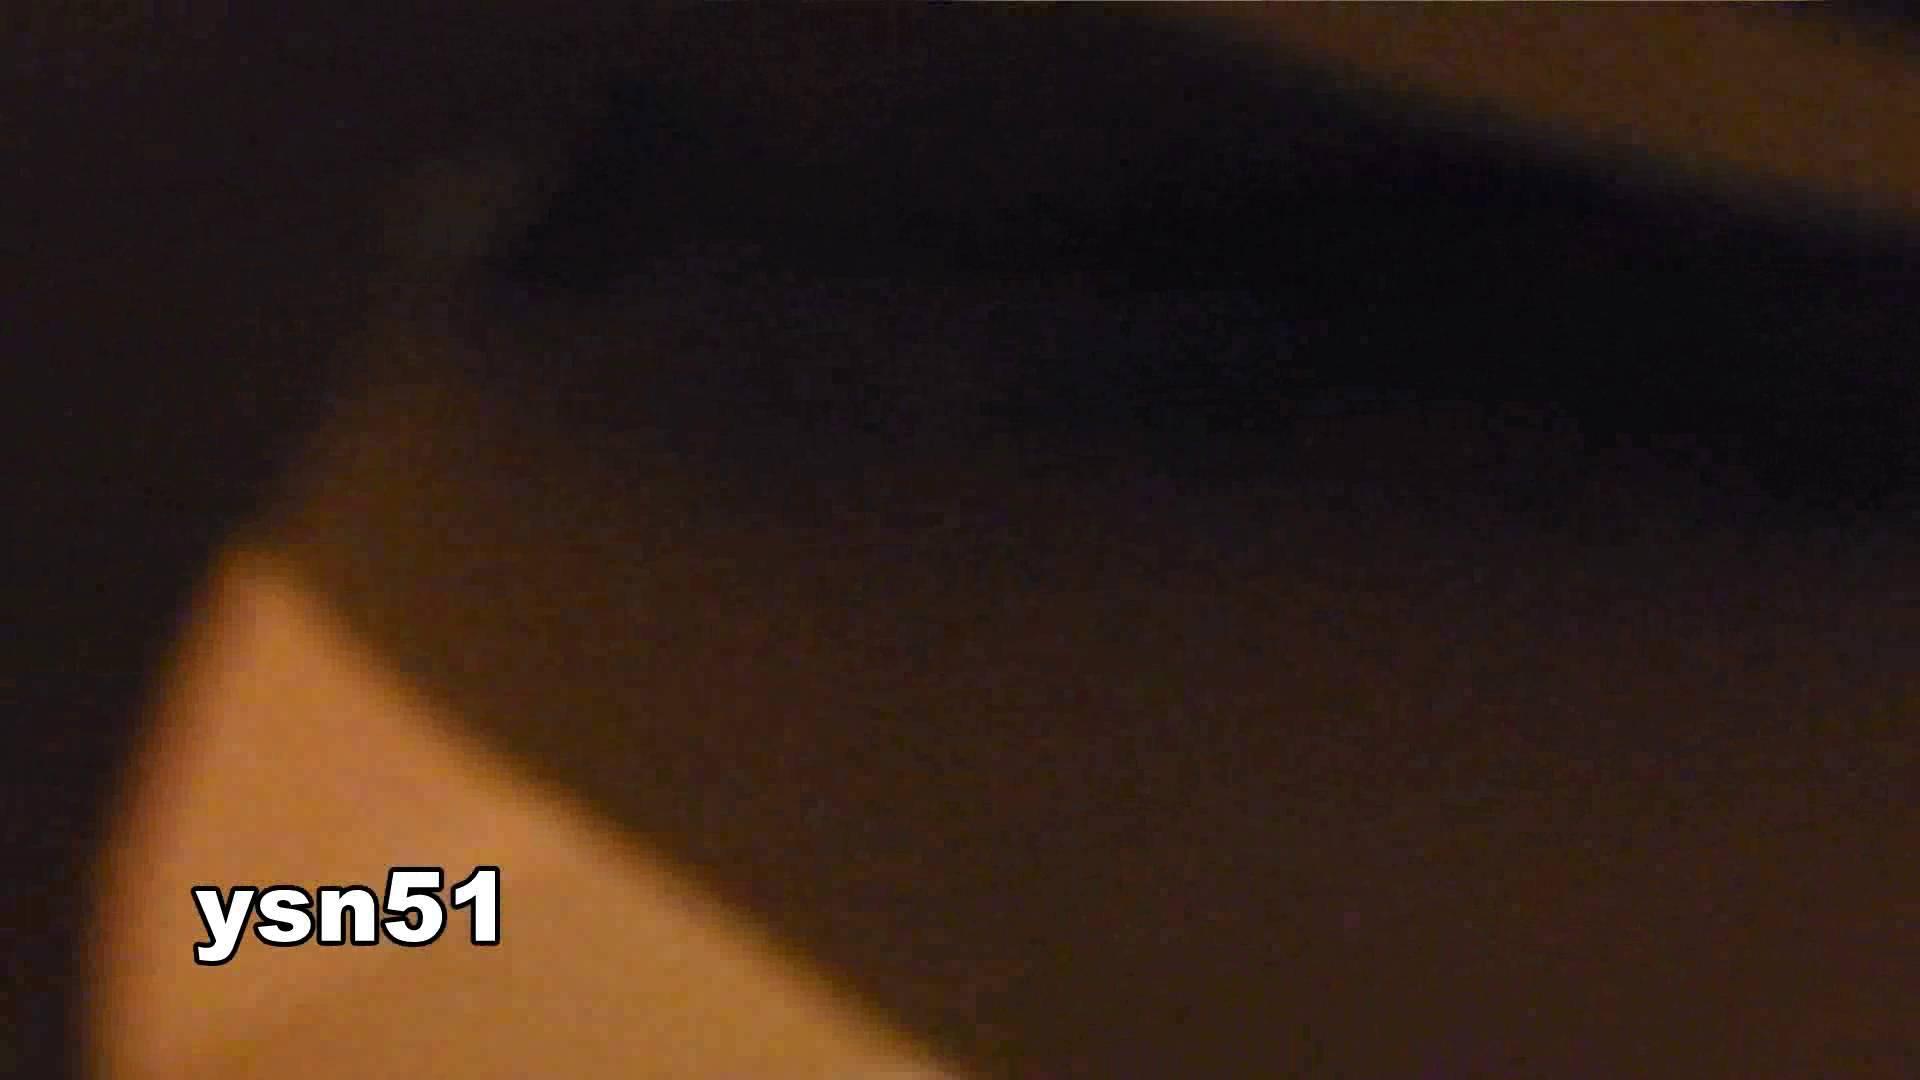 世界の射窓から vol.51 ゴージャスな… ギャル達 AV無料動画キャプチャ 109枚 82